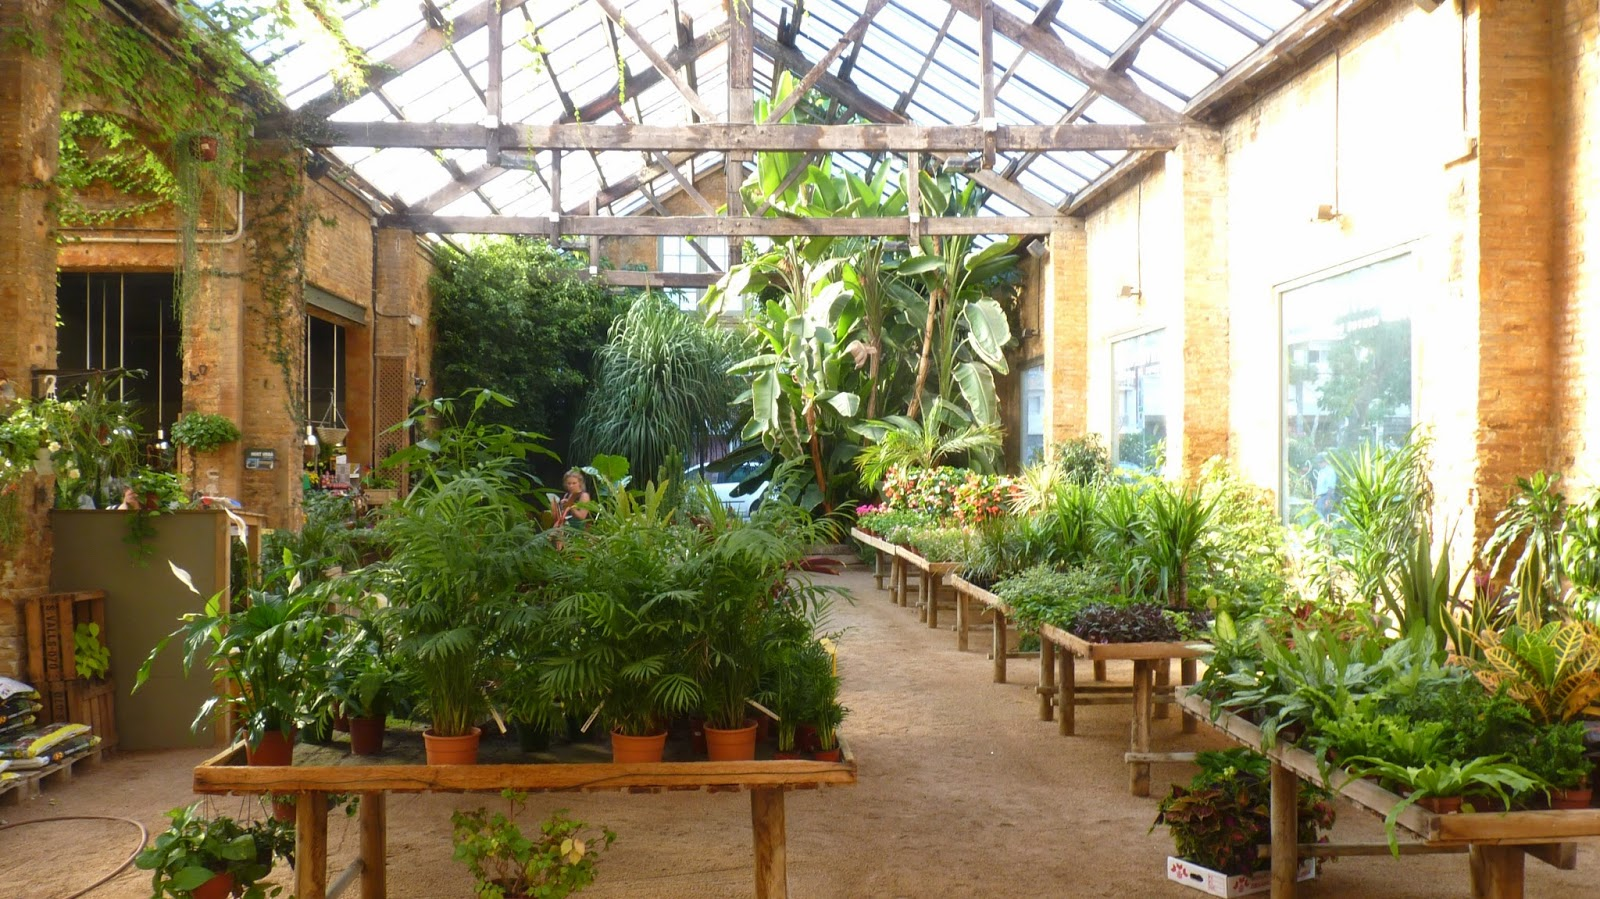 Pasi n por las plantas hivernacle drimvic for Centro de jardineria